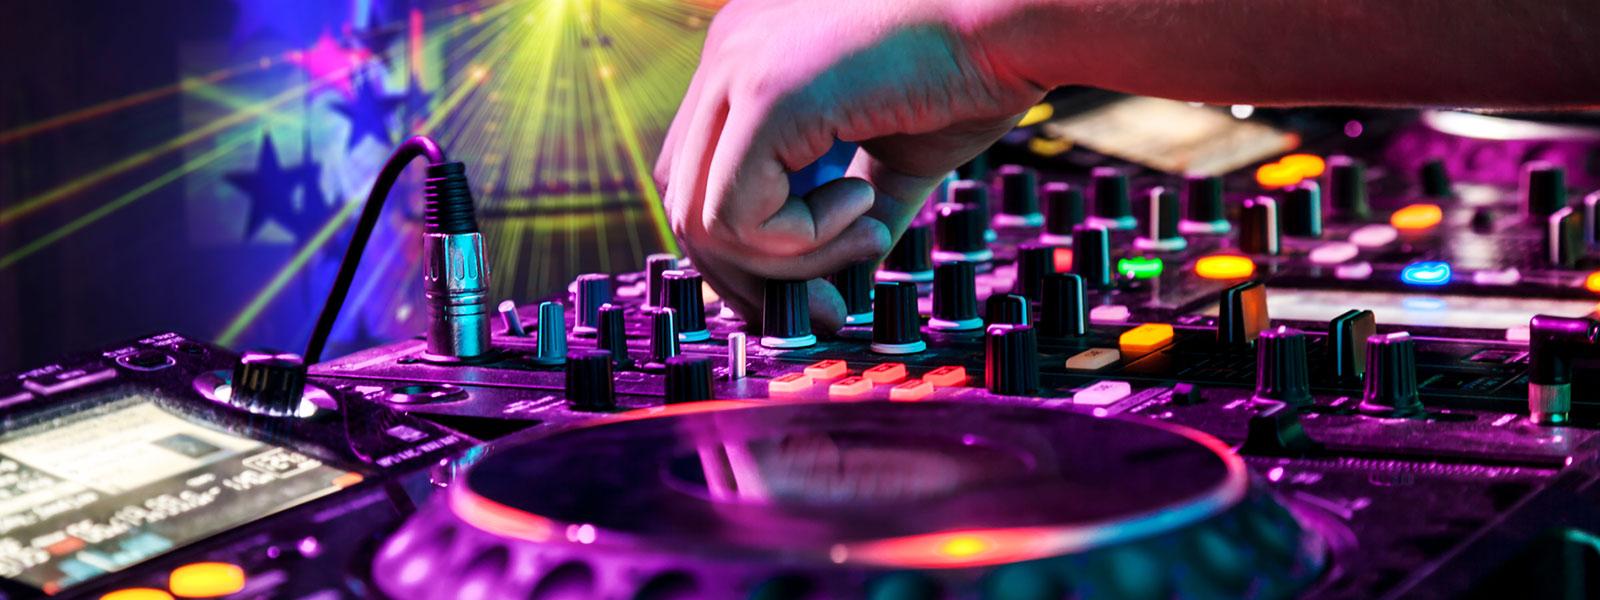 Hochzeits DJ, Geburtstags DJ, Jugendweihe DJ, Firmen Feier DJ, Weihnachtsfeier DJ